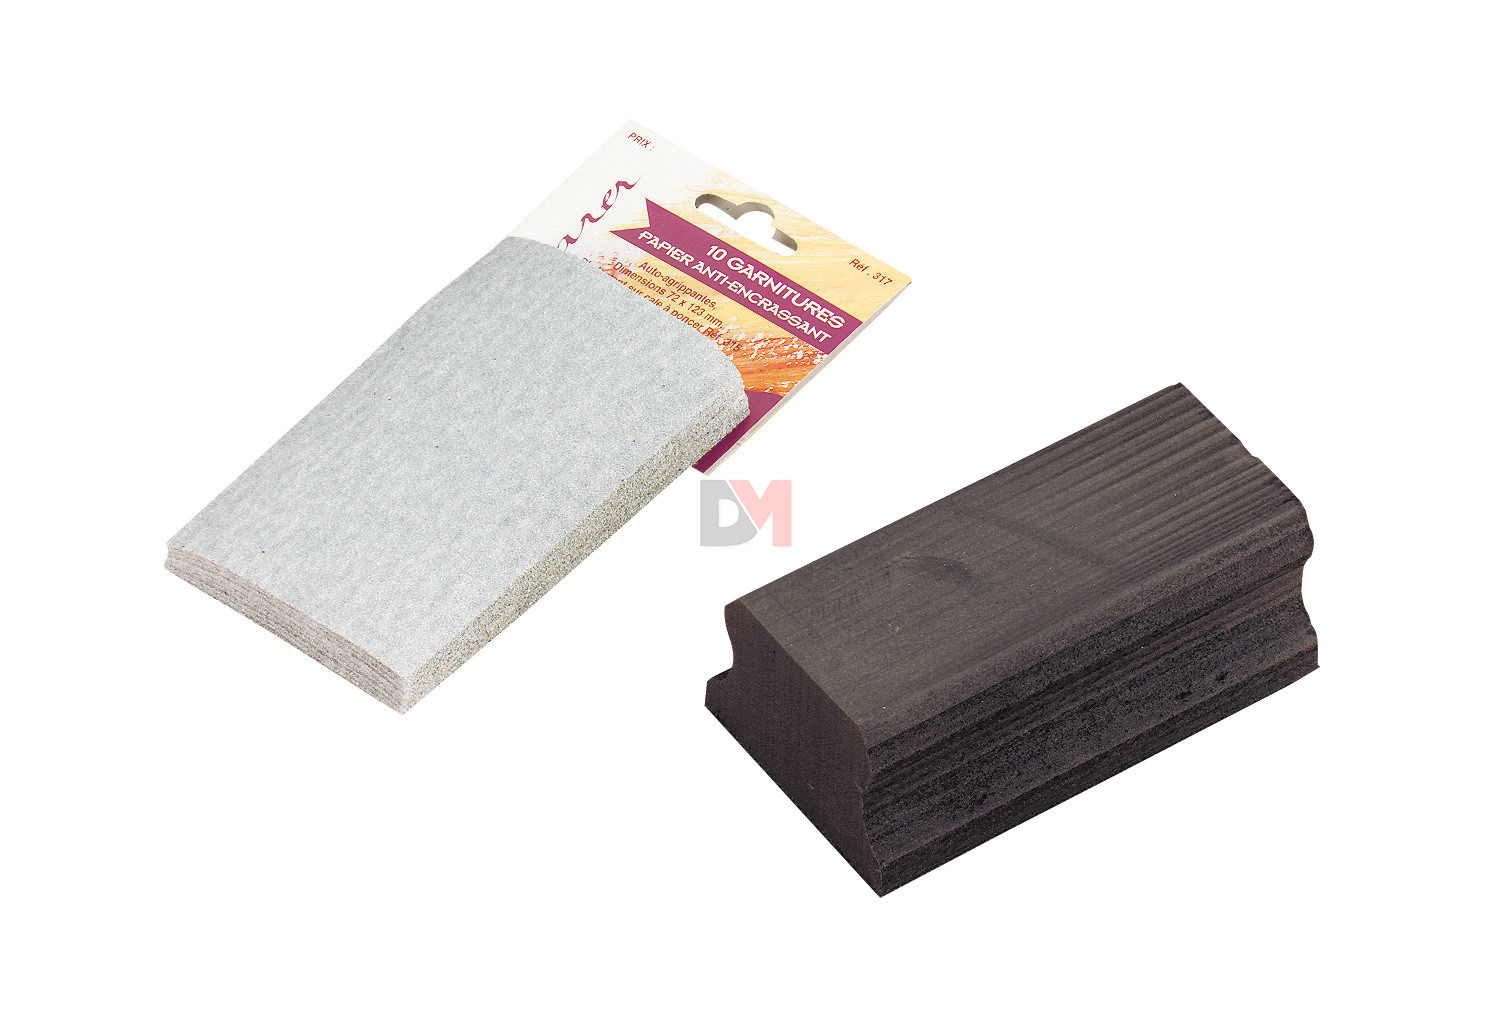 garniture papier de verre cale a poncer au meilleur prix. Black Bedroom Furniture Sets. Home Design Ideas